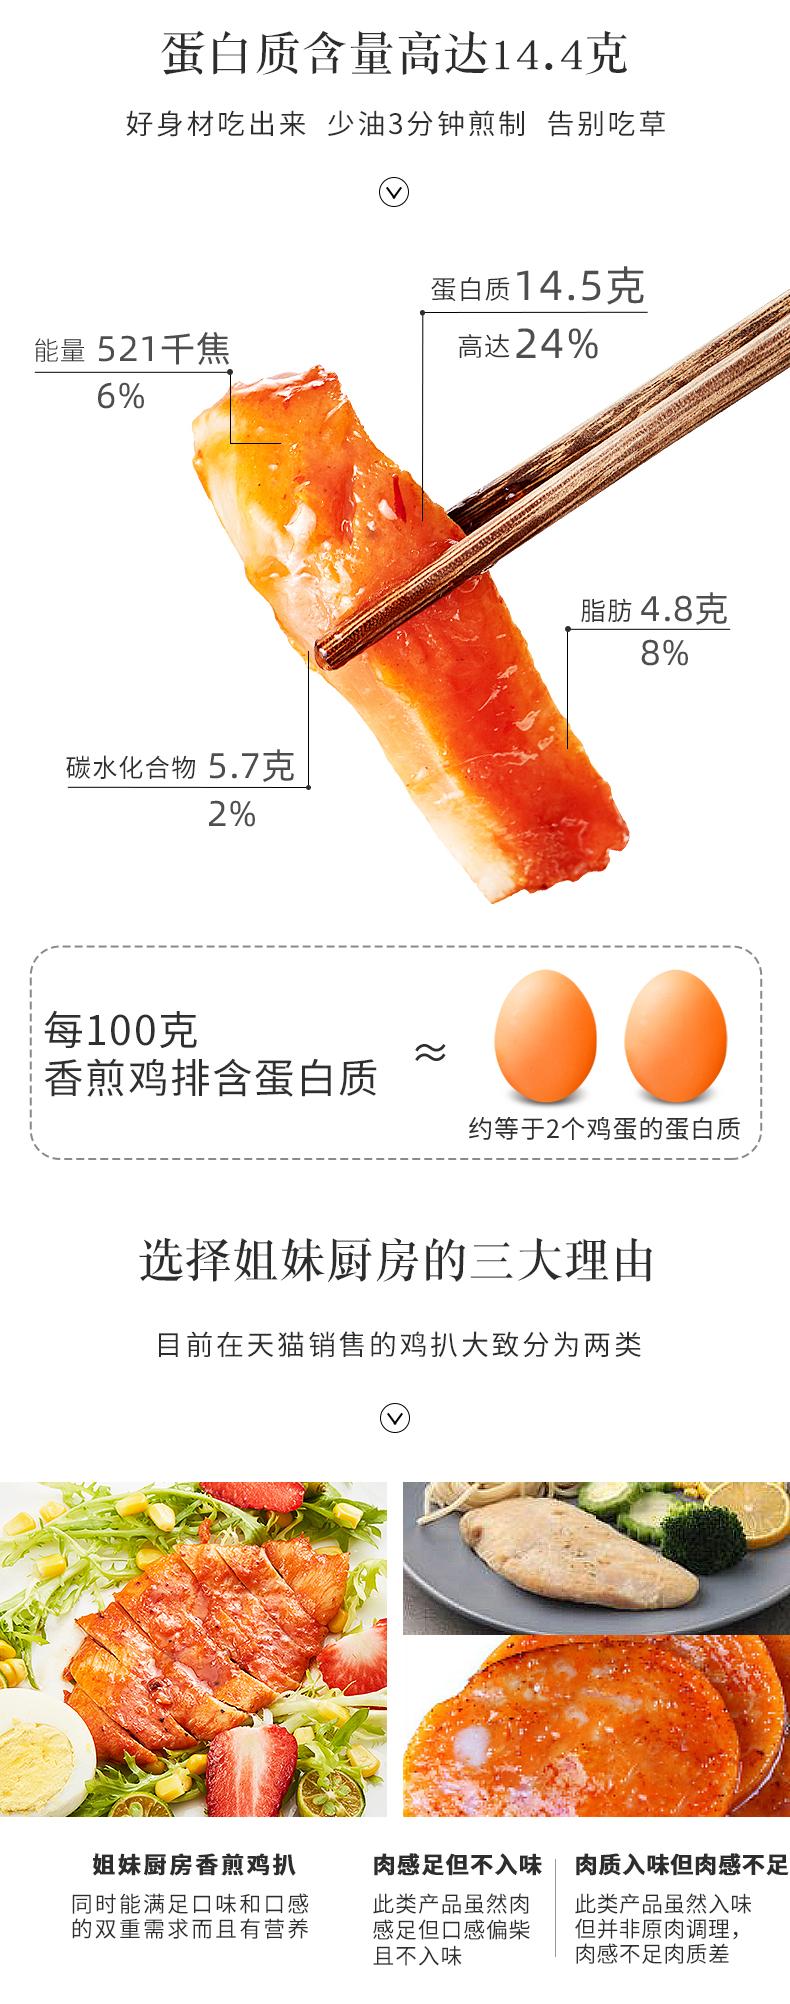 大成姐妹 香煎鸡扒 低脂高蛋白减肥代餐 1440g 20片装 图5